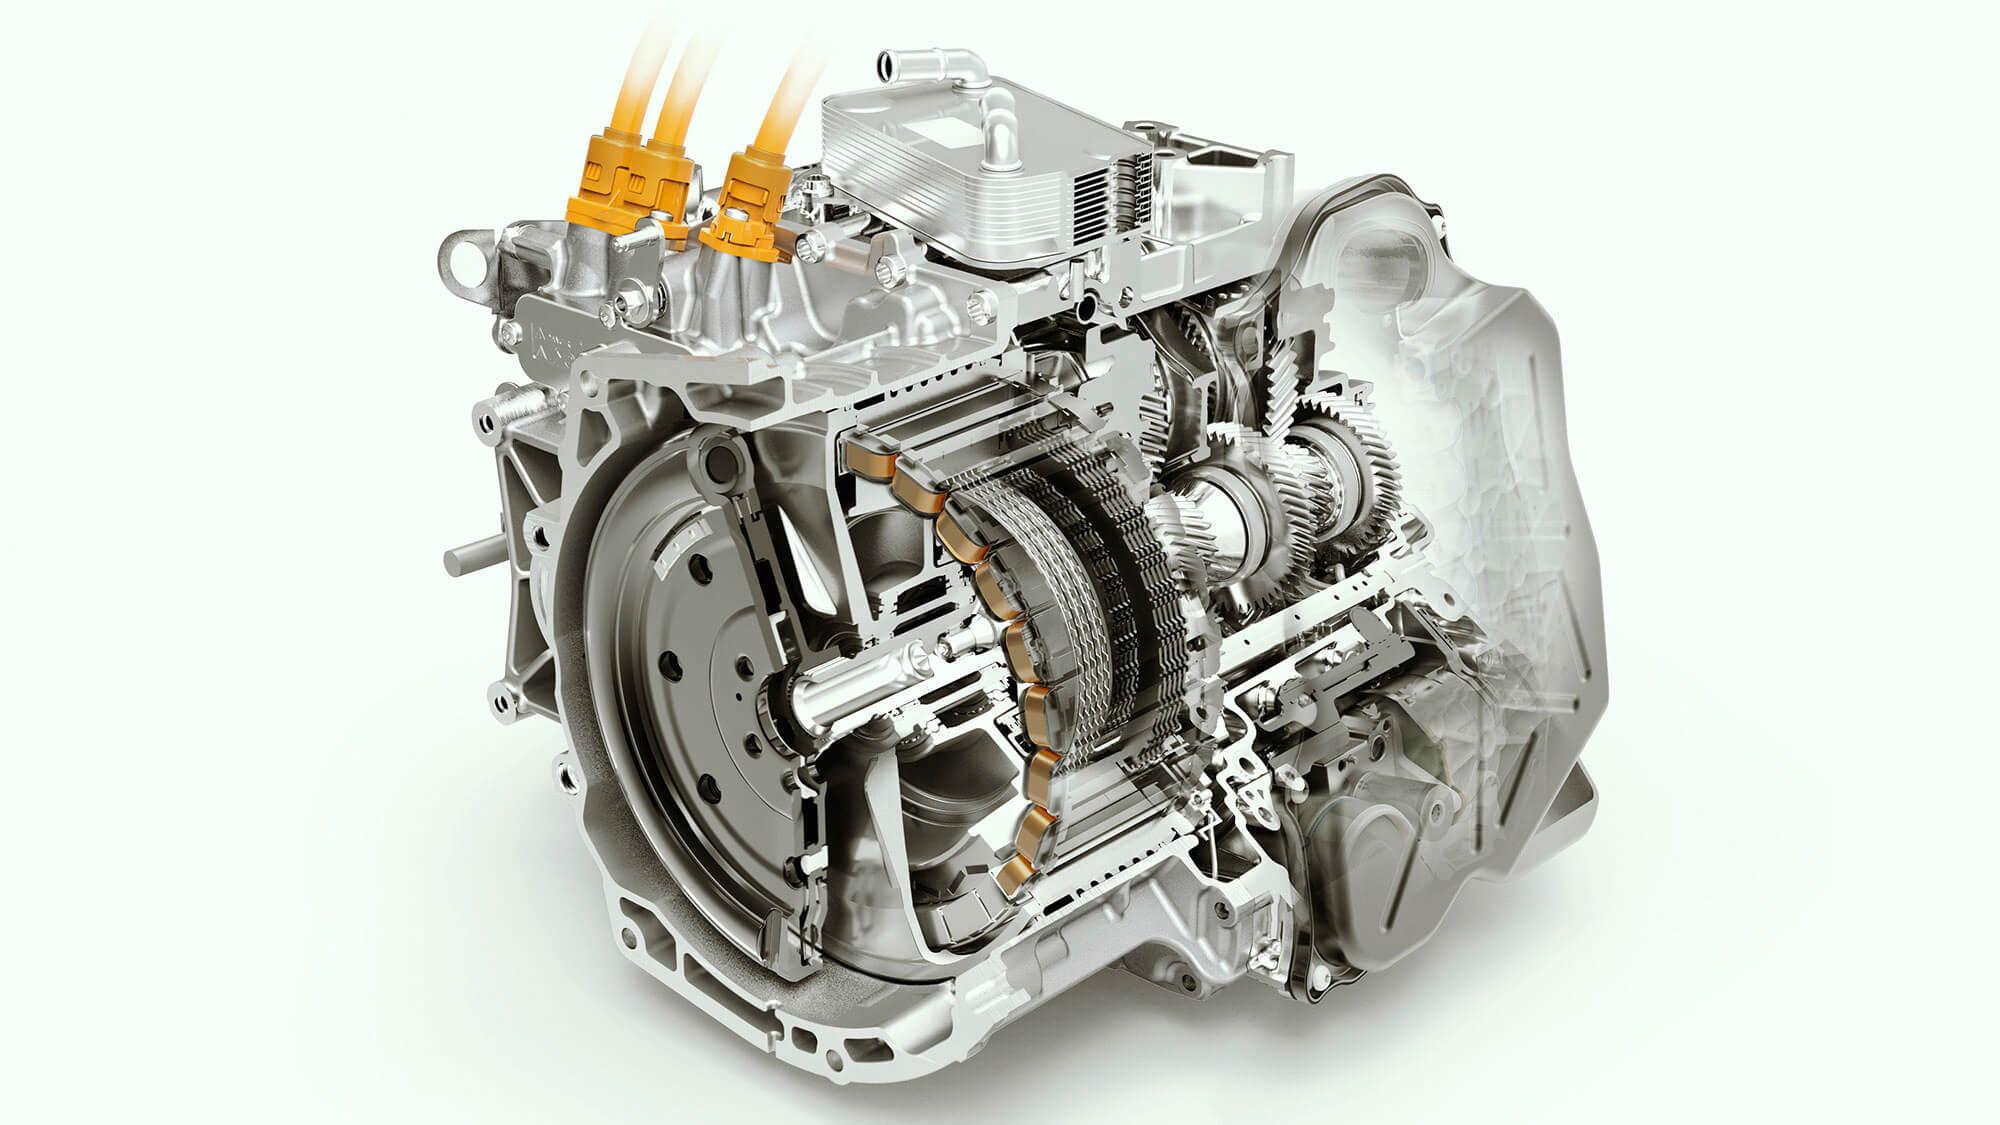 Σύστημα μετάδοσης - Volkswagen Group: Ο εφευρέτης του DSG στην εποχή της ηλεκτροκίνησης